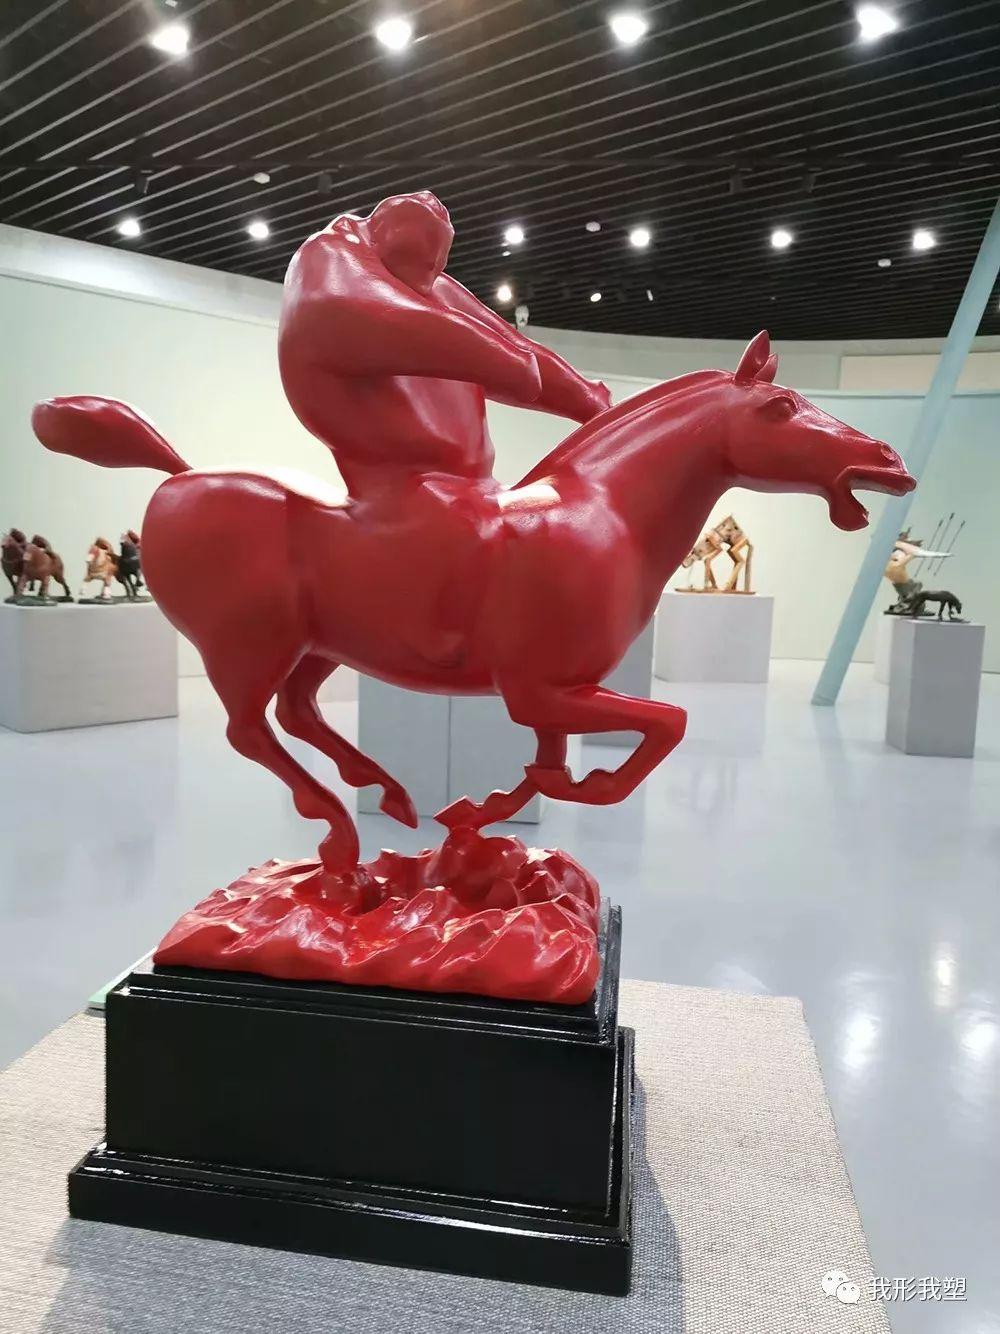 """【雕塑展览】庆祝中华人民共和国成立70周年""""蒙古马·雕塑·研究""""展 第19张 【雕塑展览】庆祝中华人民共和国成立70周年""""蒙古马·雕塑·研究""""展 蒙古画廊"""